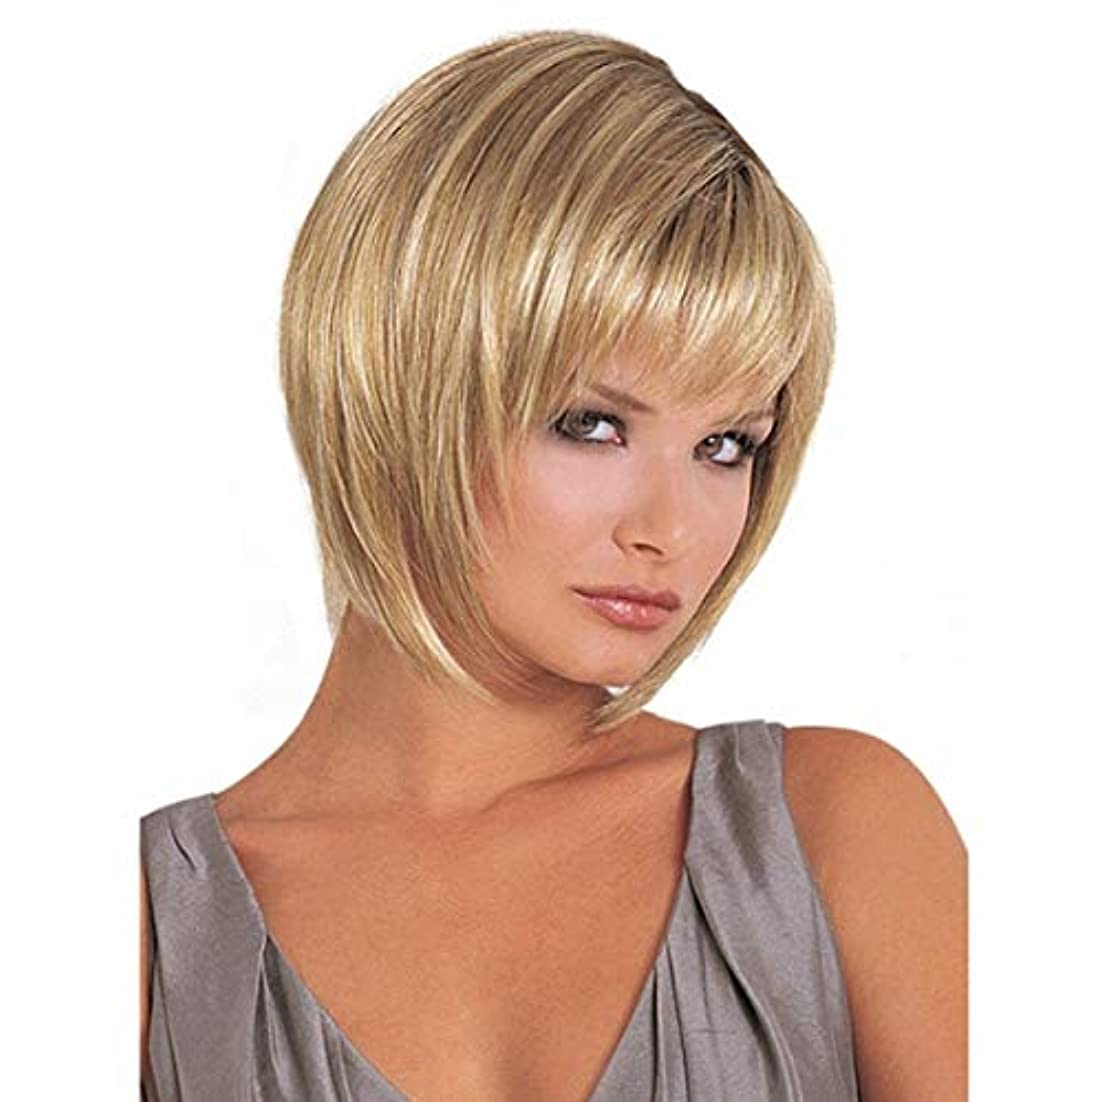 政治家の裁量クラウンKerwinner ふわふわのマイクロボリューム現実的なかつら女性のための短いカーリーナチュラルカラーゴールドかつら白髪用かつら20cm / 25cm